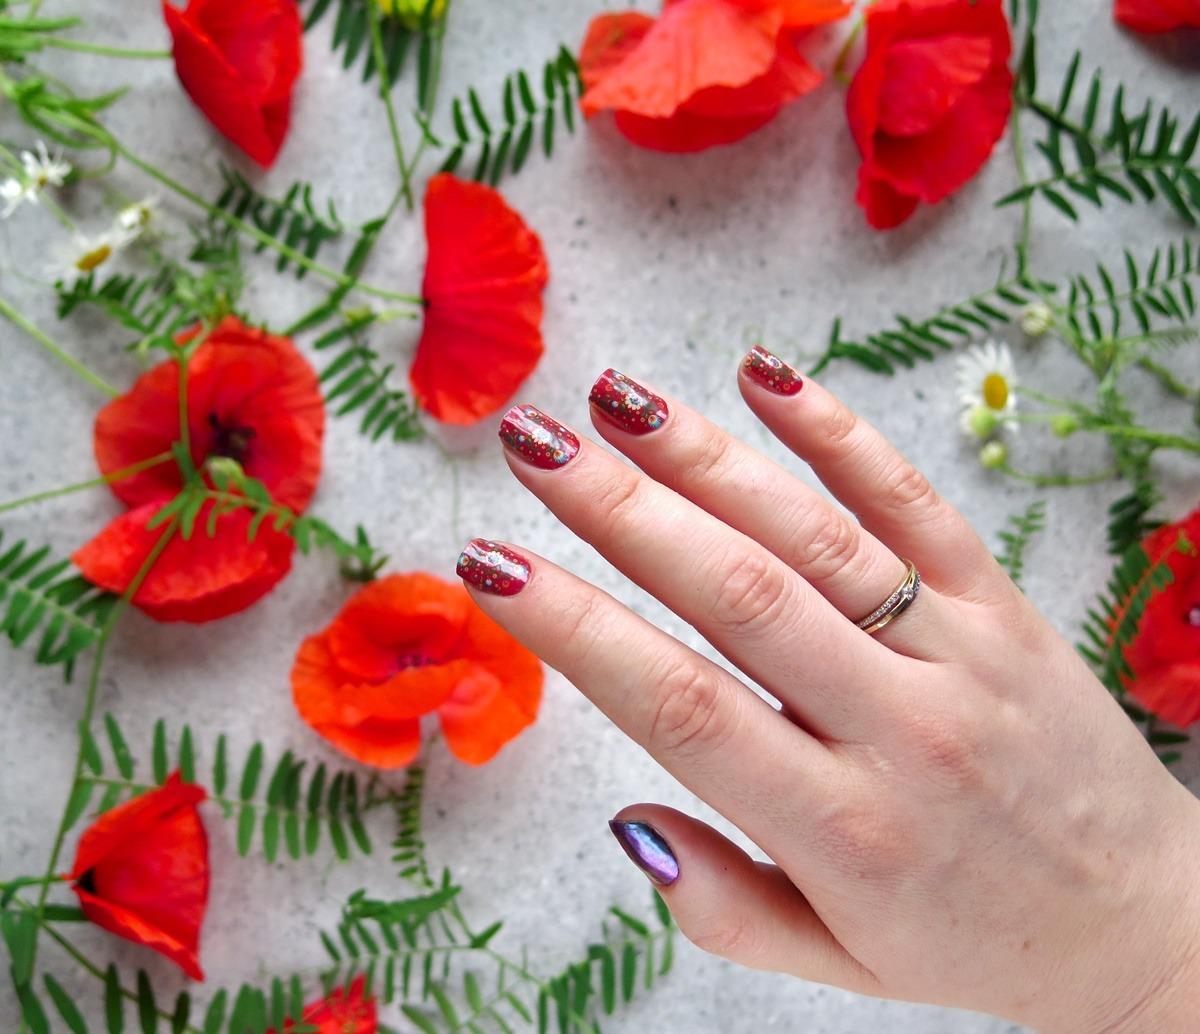 paznokcie czerwone folkowe wzory łowickie manirouge naklejki termiczne emma